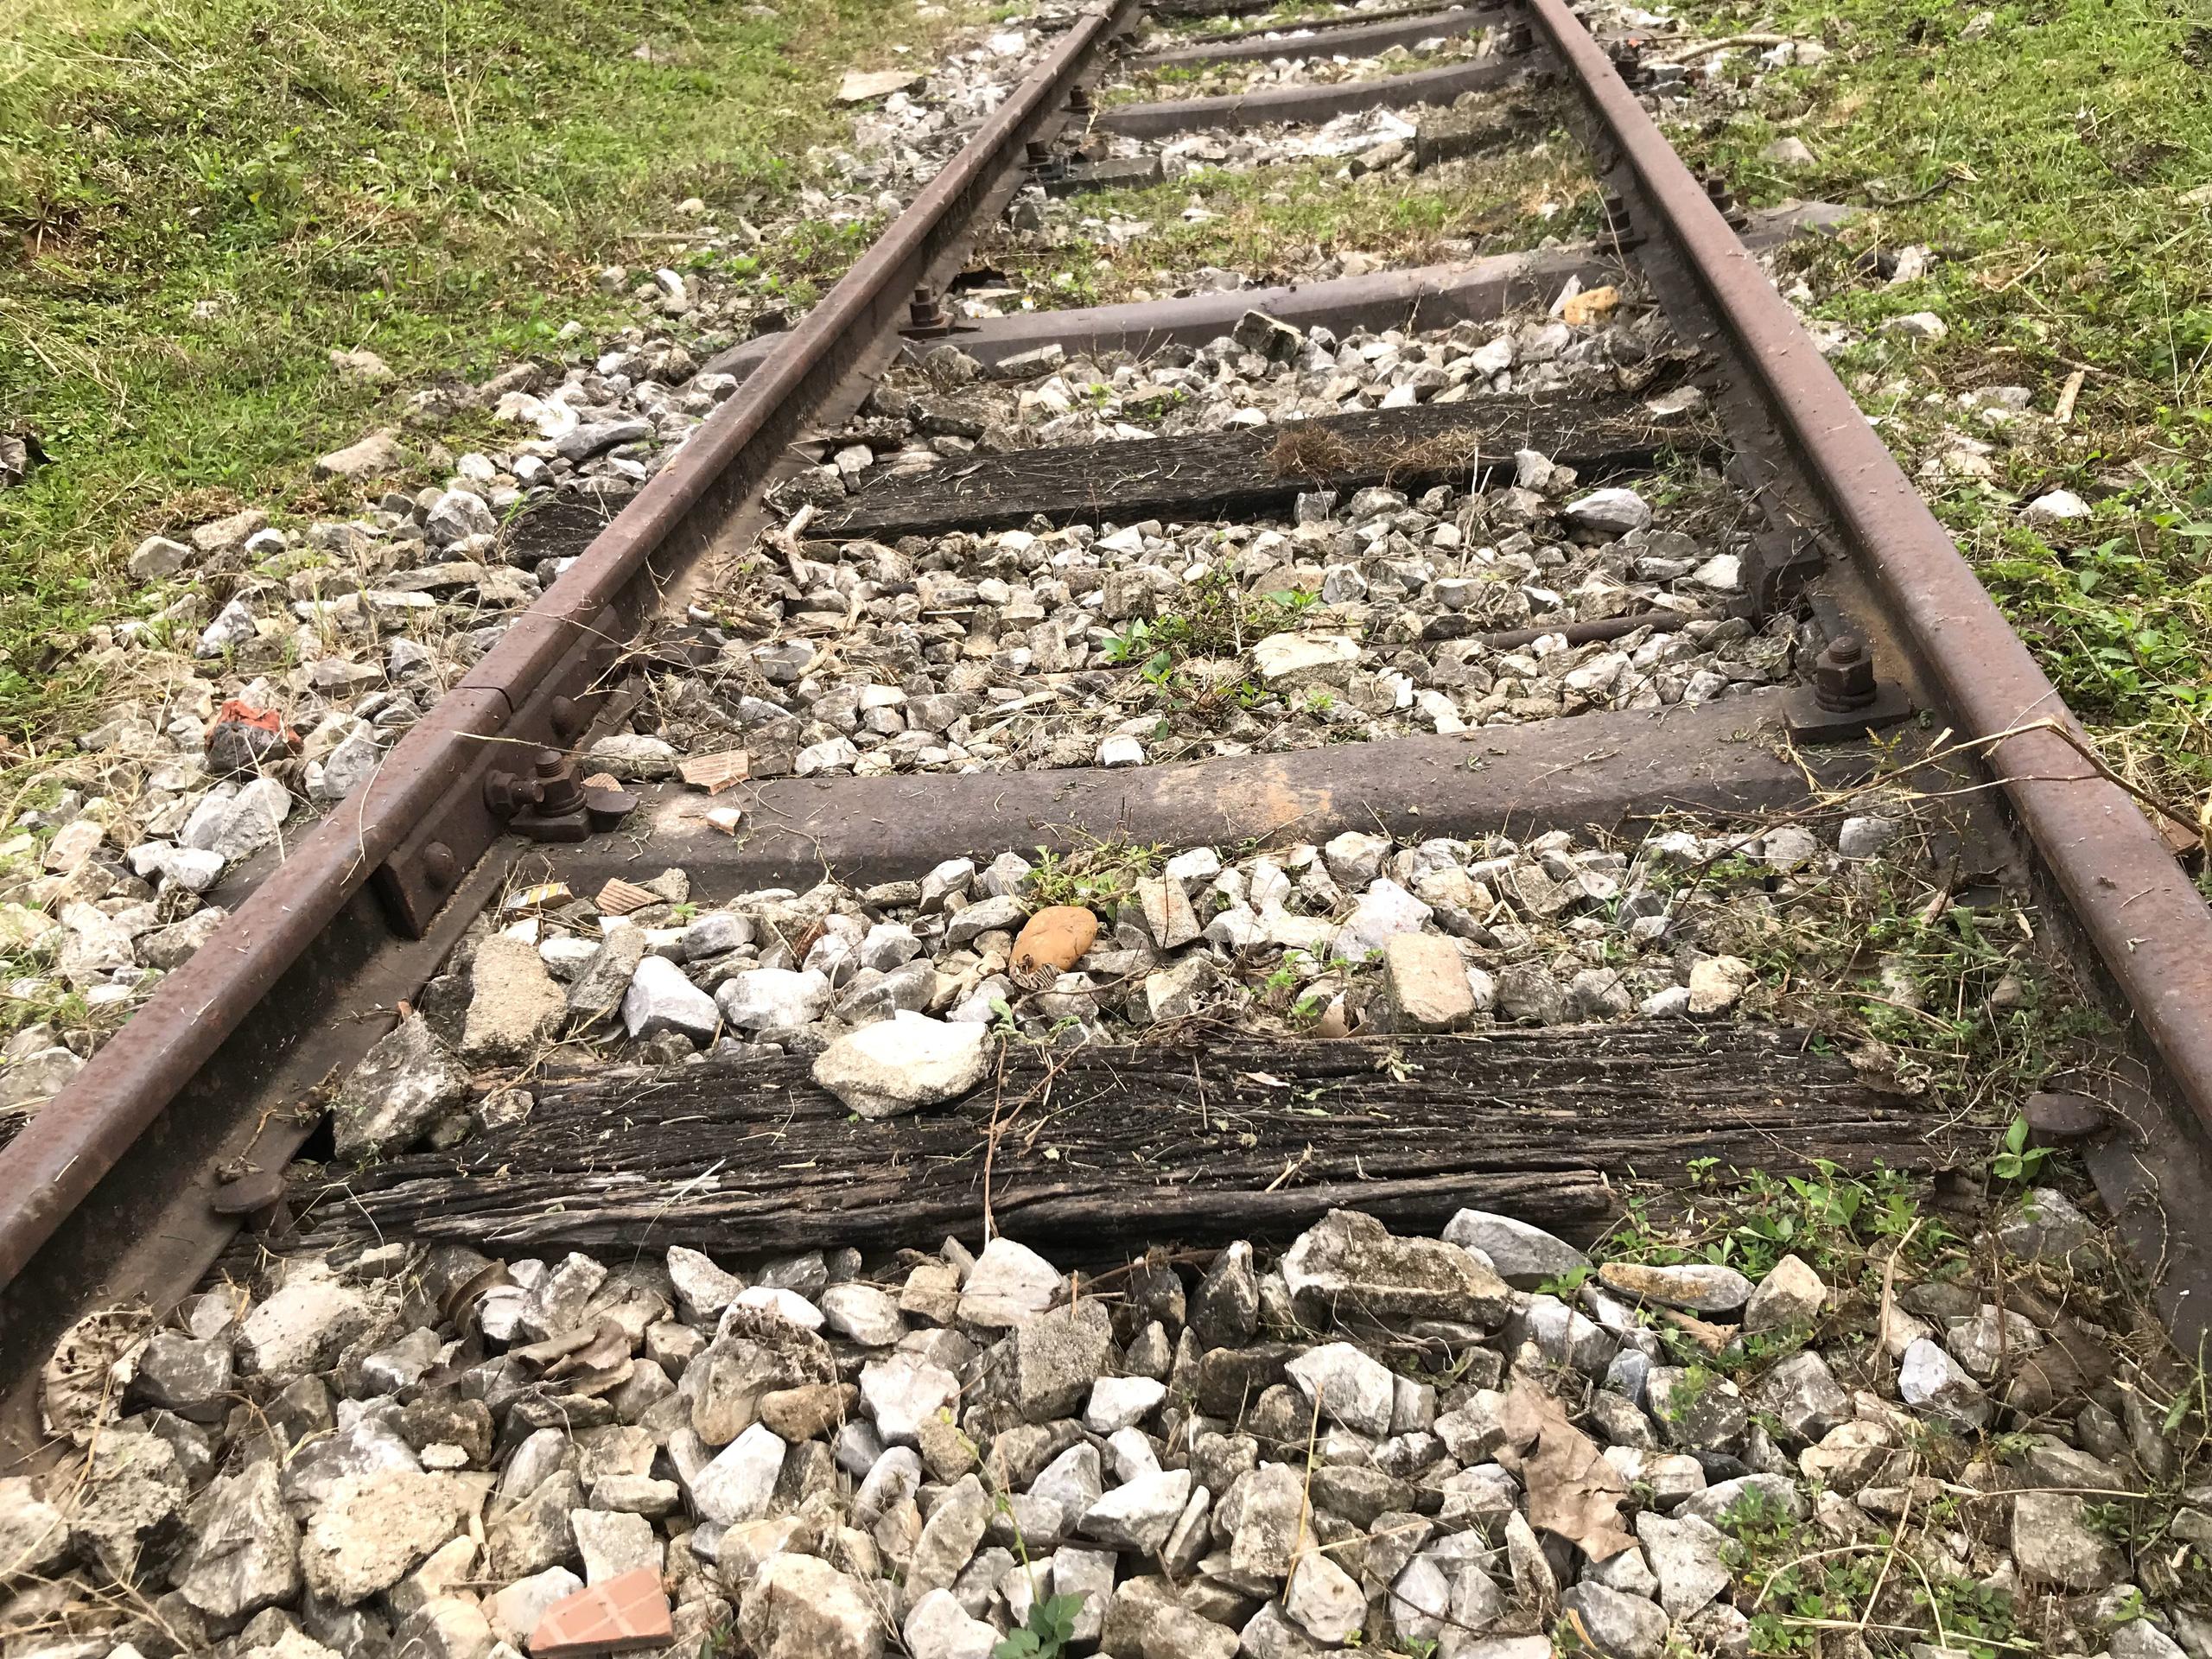 Tuyến đường sắt bị 'bỏ quên' gần thập kỷ không có tàu chạy nhưng vẫn tiêu tốn tiền tỷ bảo vệ - Ảnh 7.